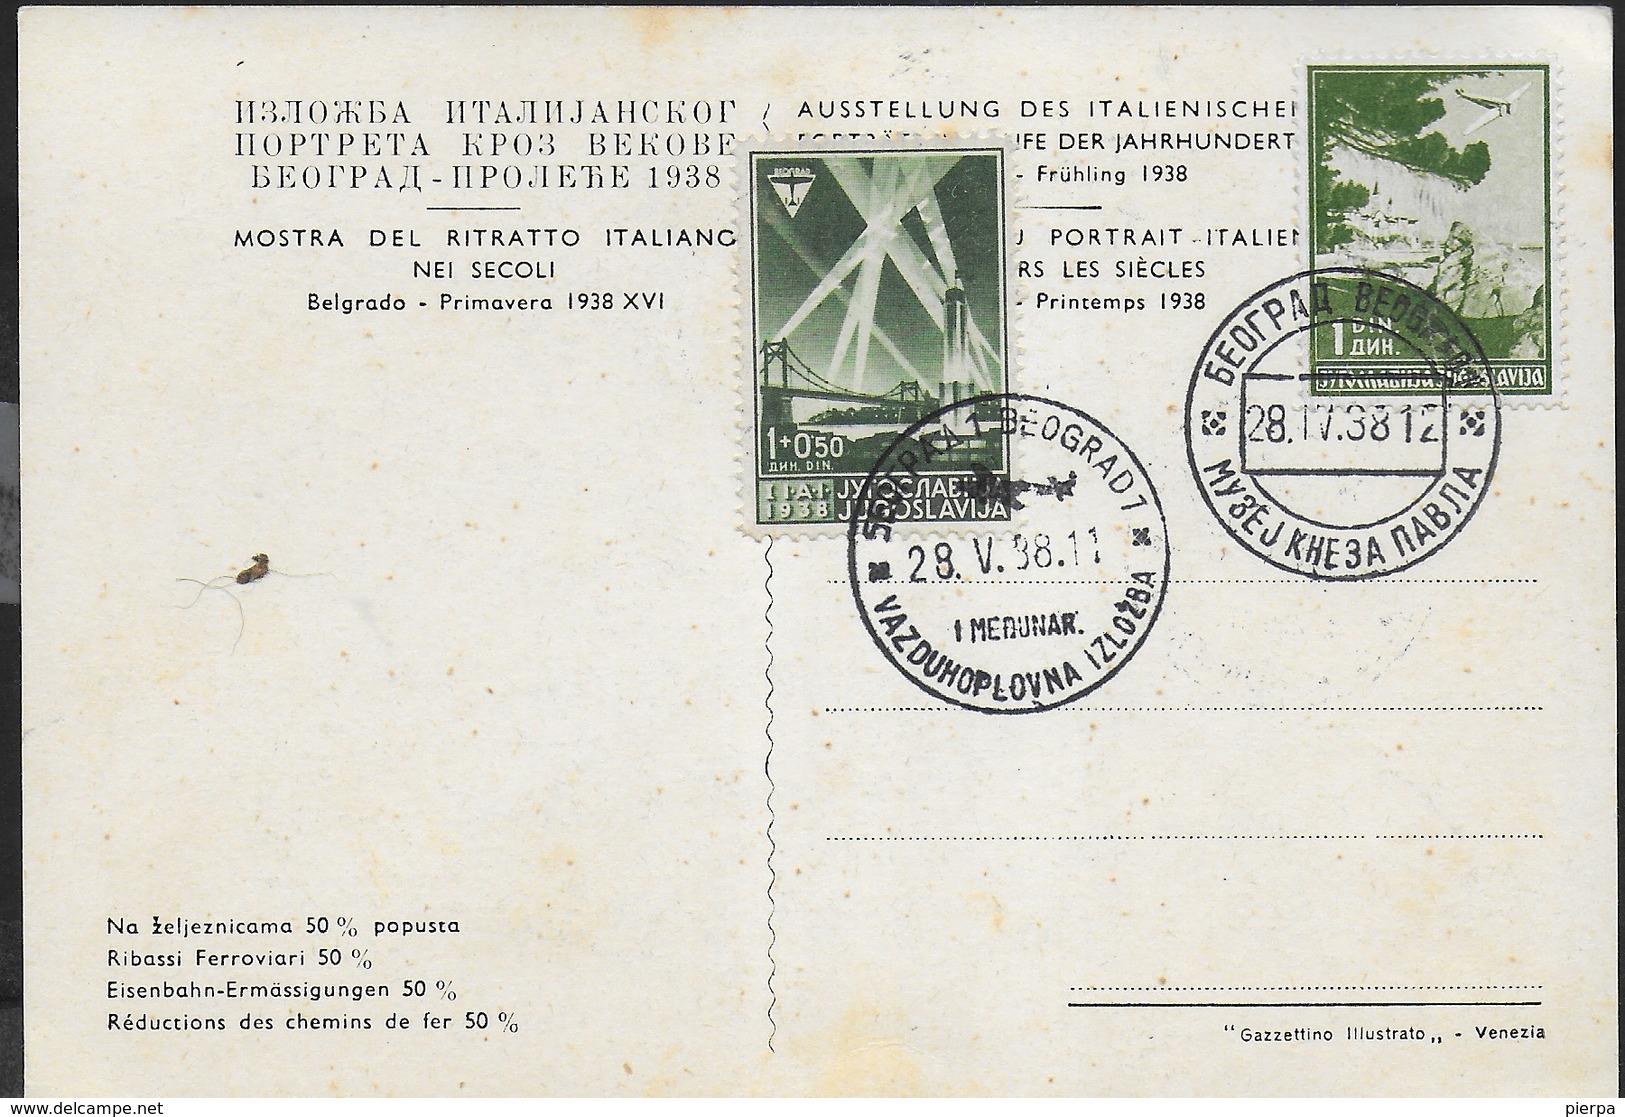 STORIA POSTALE JUGOSLAVIA - BELGRADO 28.05.1938 - MOSTRA DEL RITRATTO ITALIANO SU CARTOLINA - 1931-1941 Kingdom Of Yugoslavia